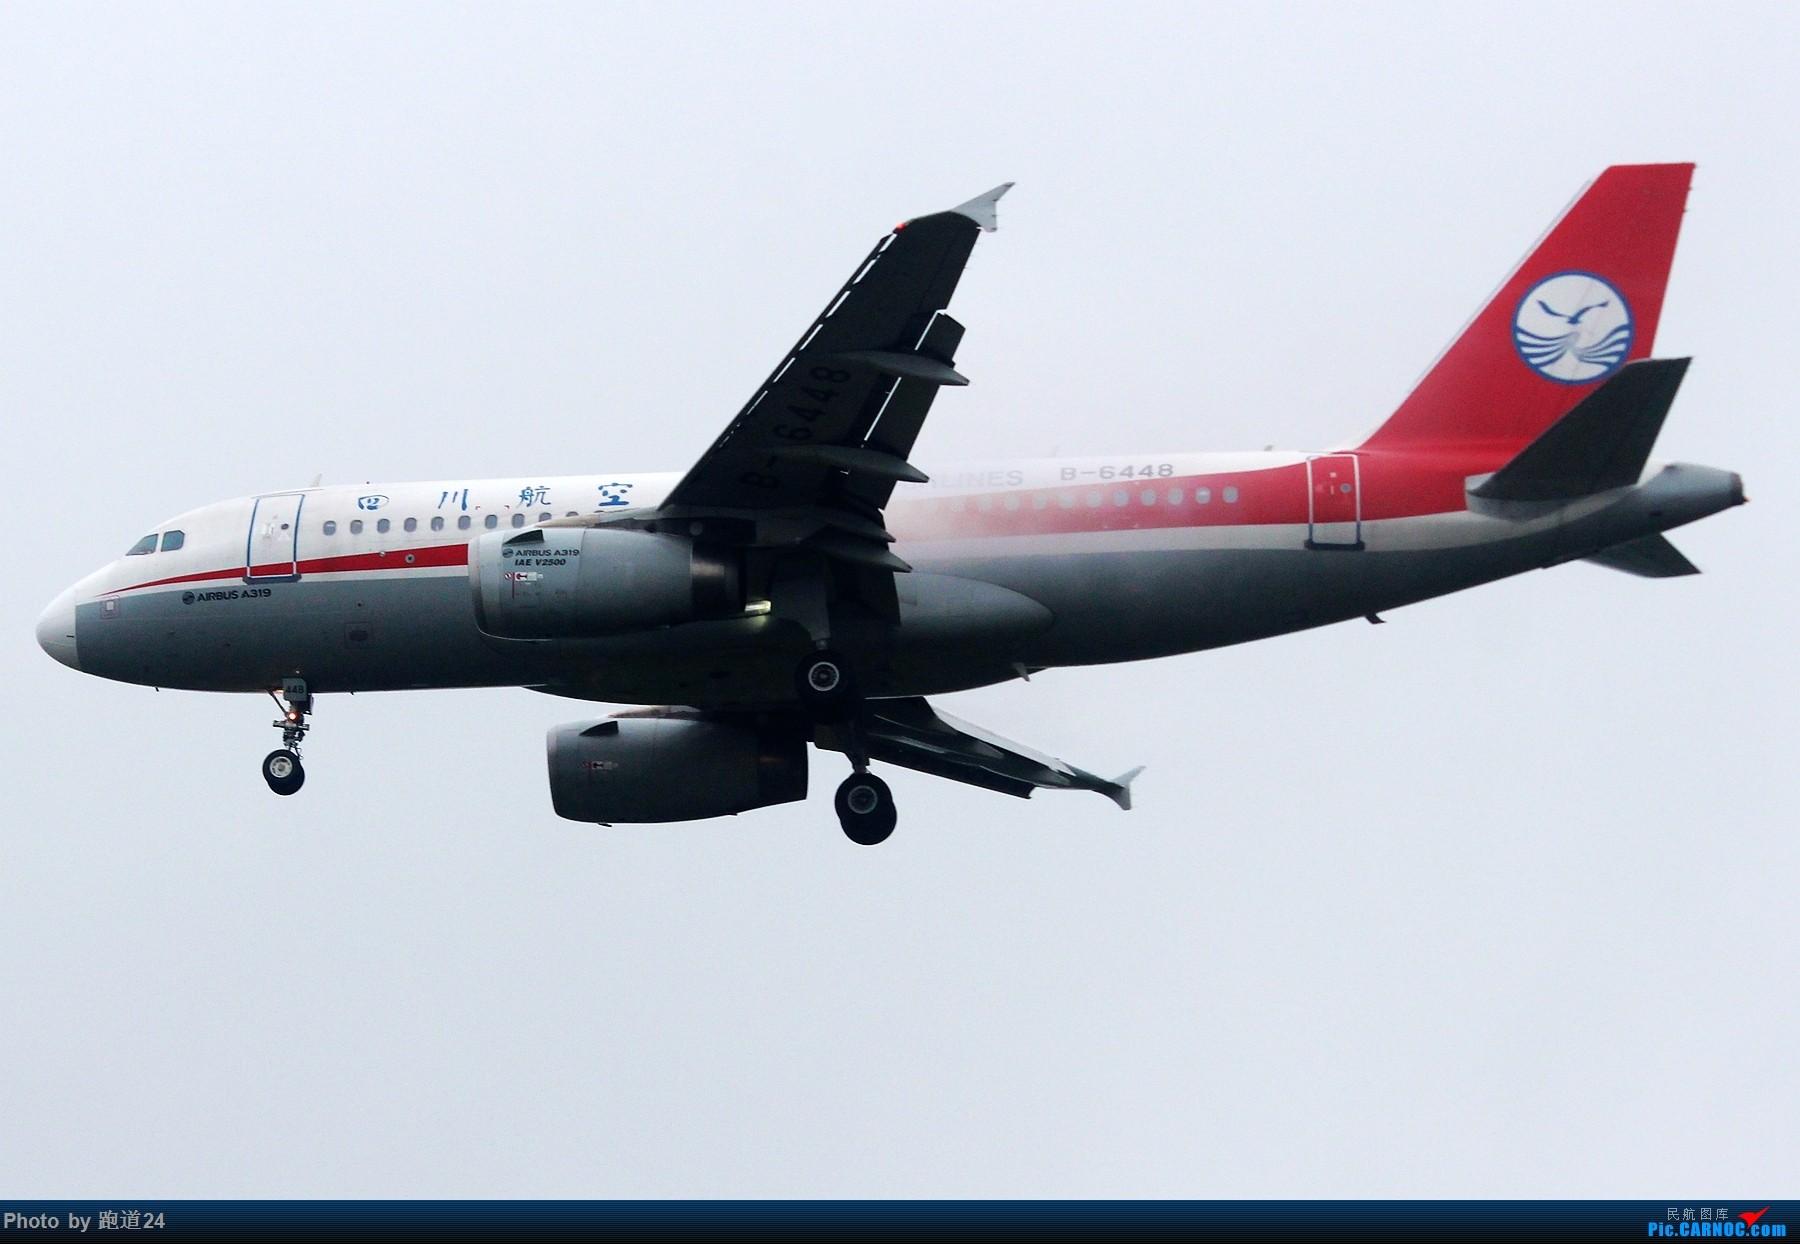 Re:[原创][多图党]雨天CTU拍机 1800*1200 AIRBUS A319-100 B-6448 中国成都双流国际机场